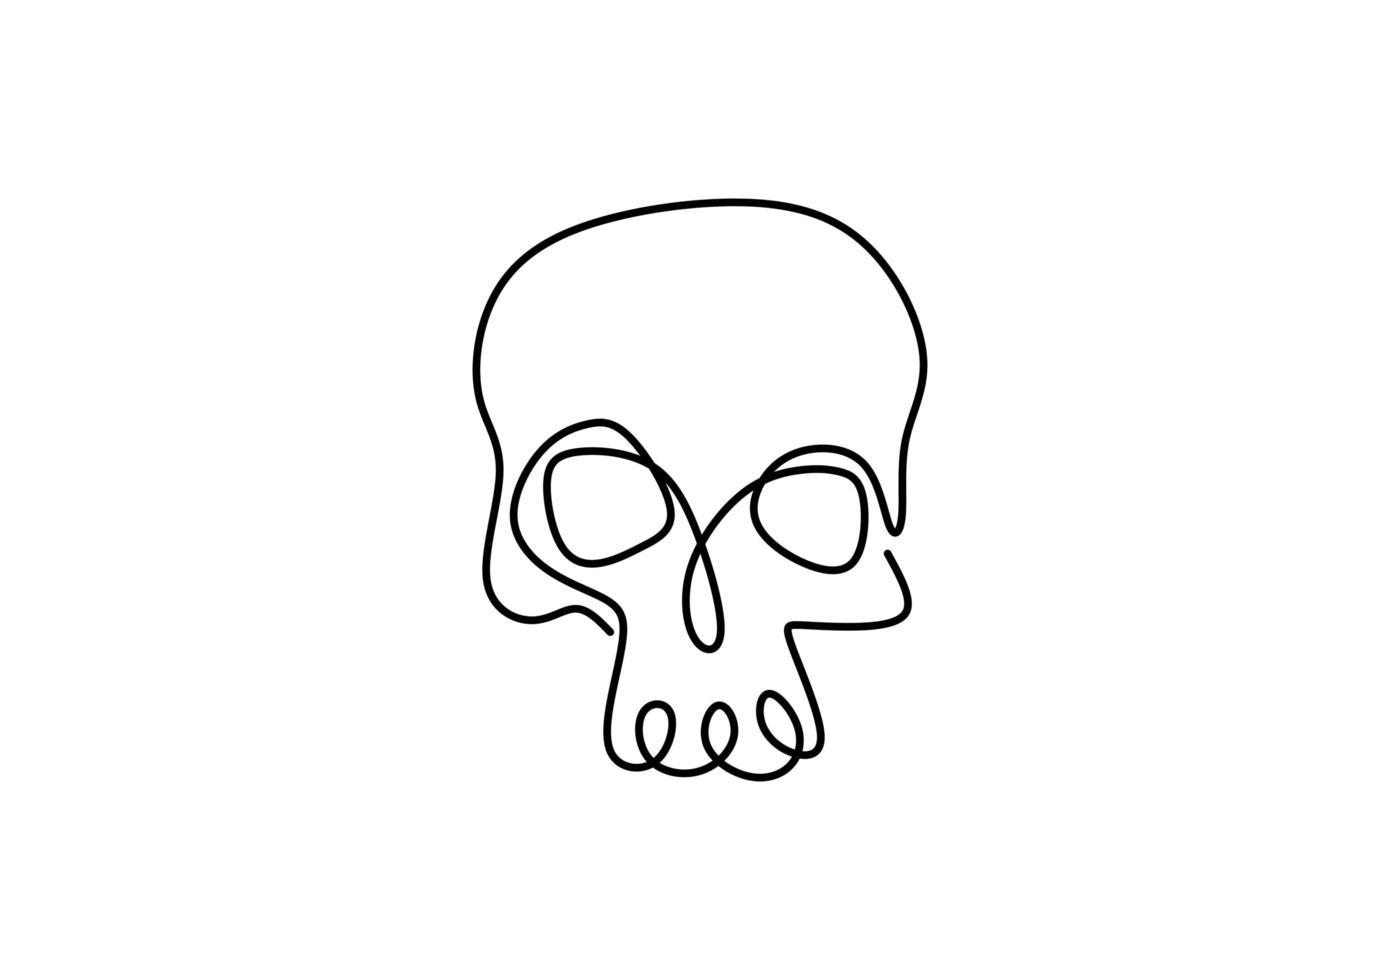 contorno desenhando uma linha contínua com o crânio humano. vetor